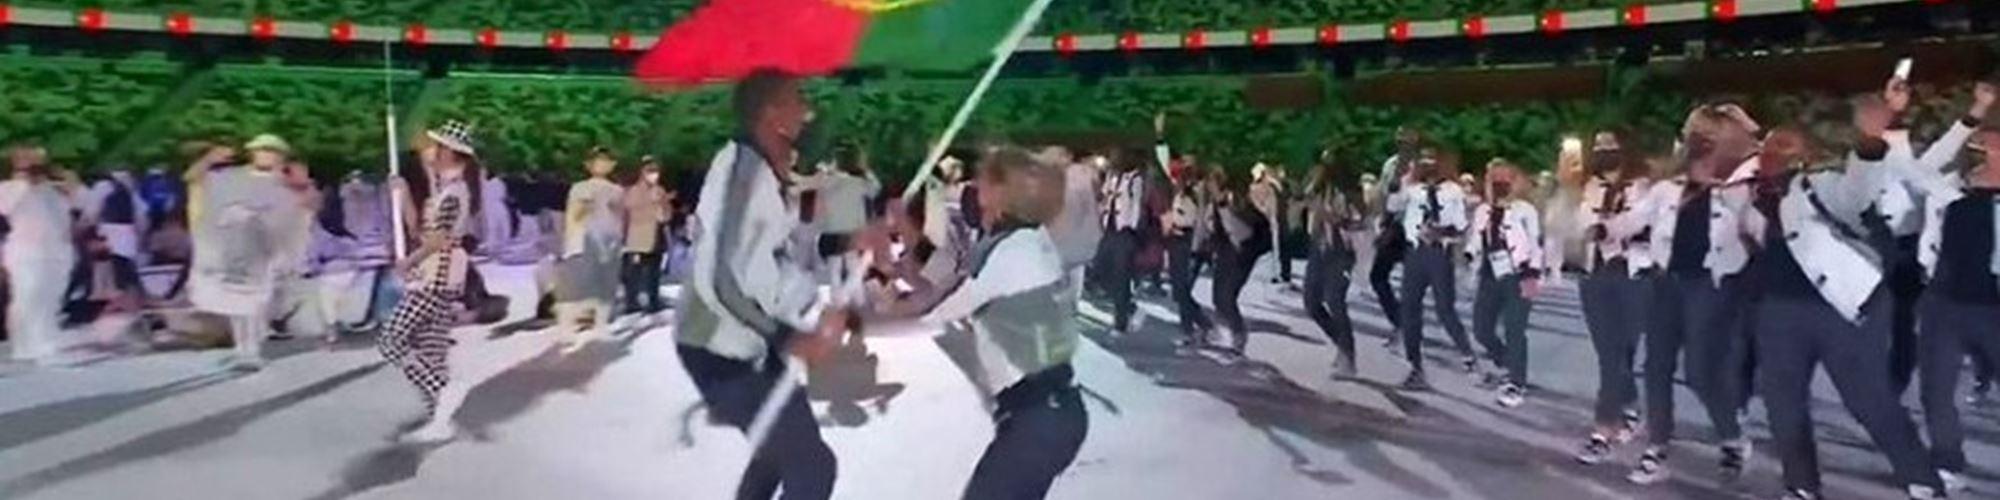 Entrada de Portugal no Estádio Olímpico de Tóquio torna-se viral. Vê aqui o momento